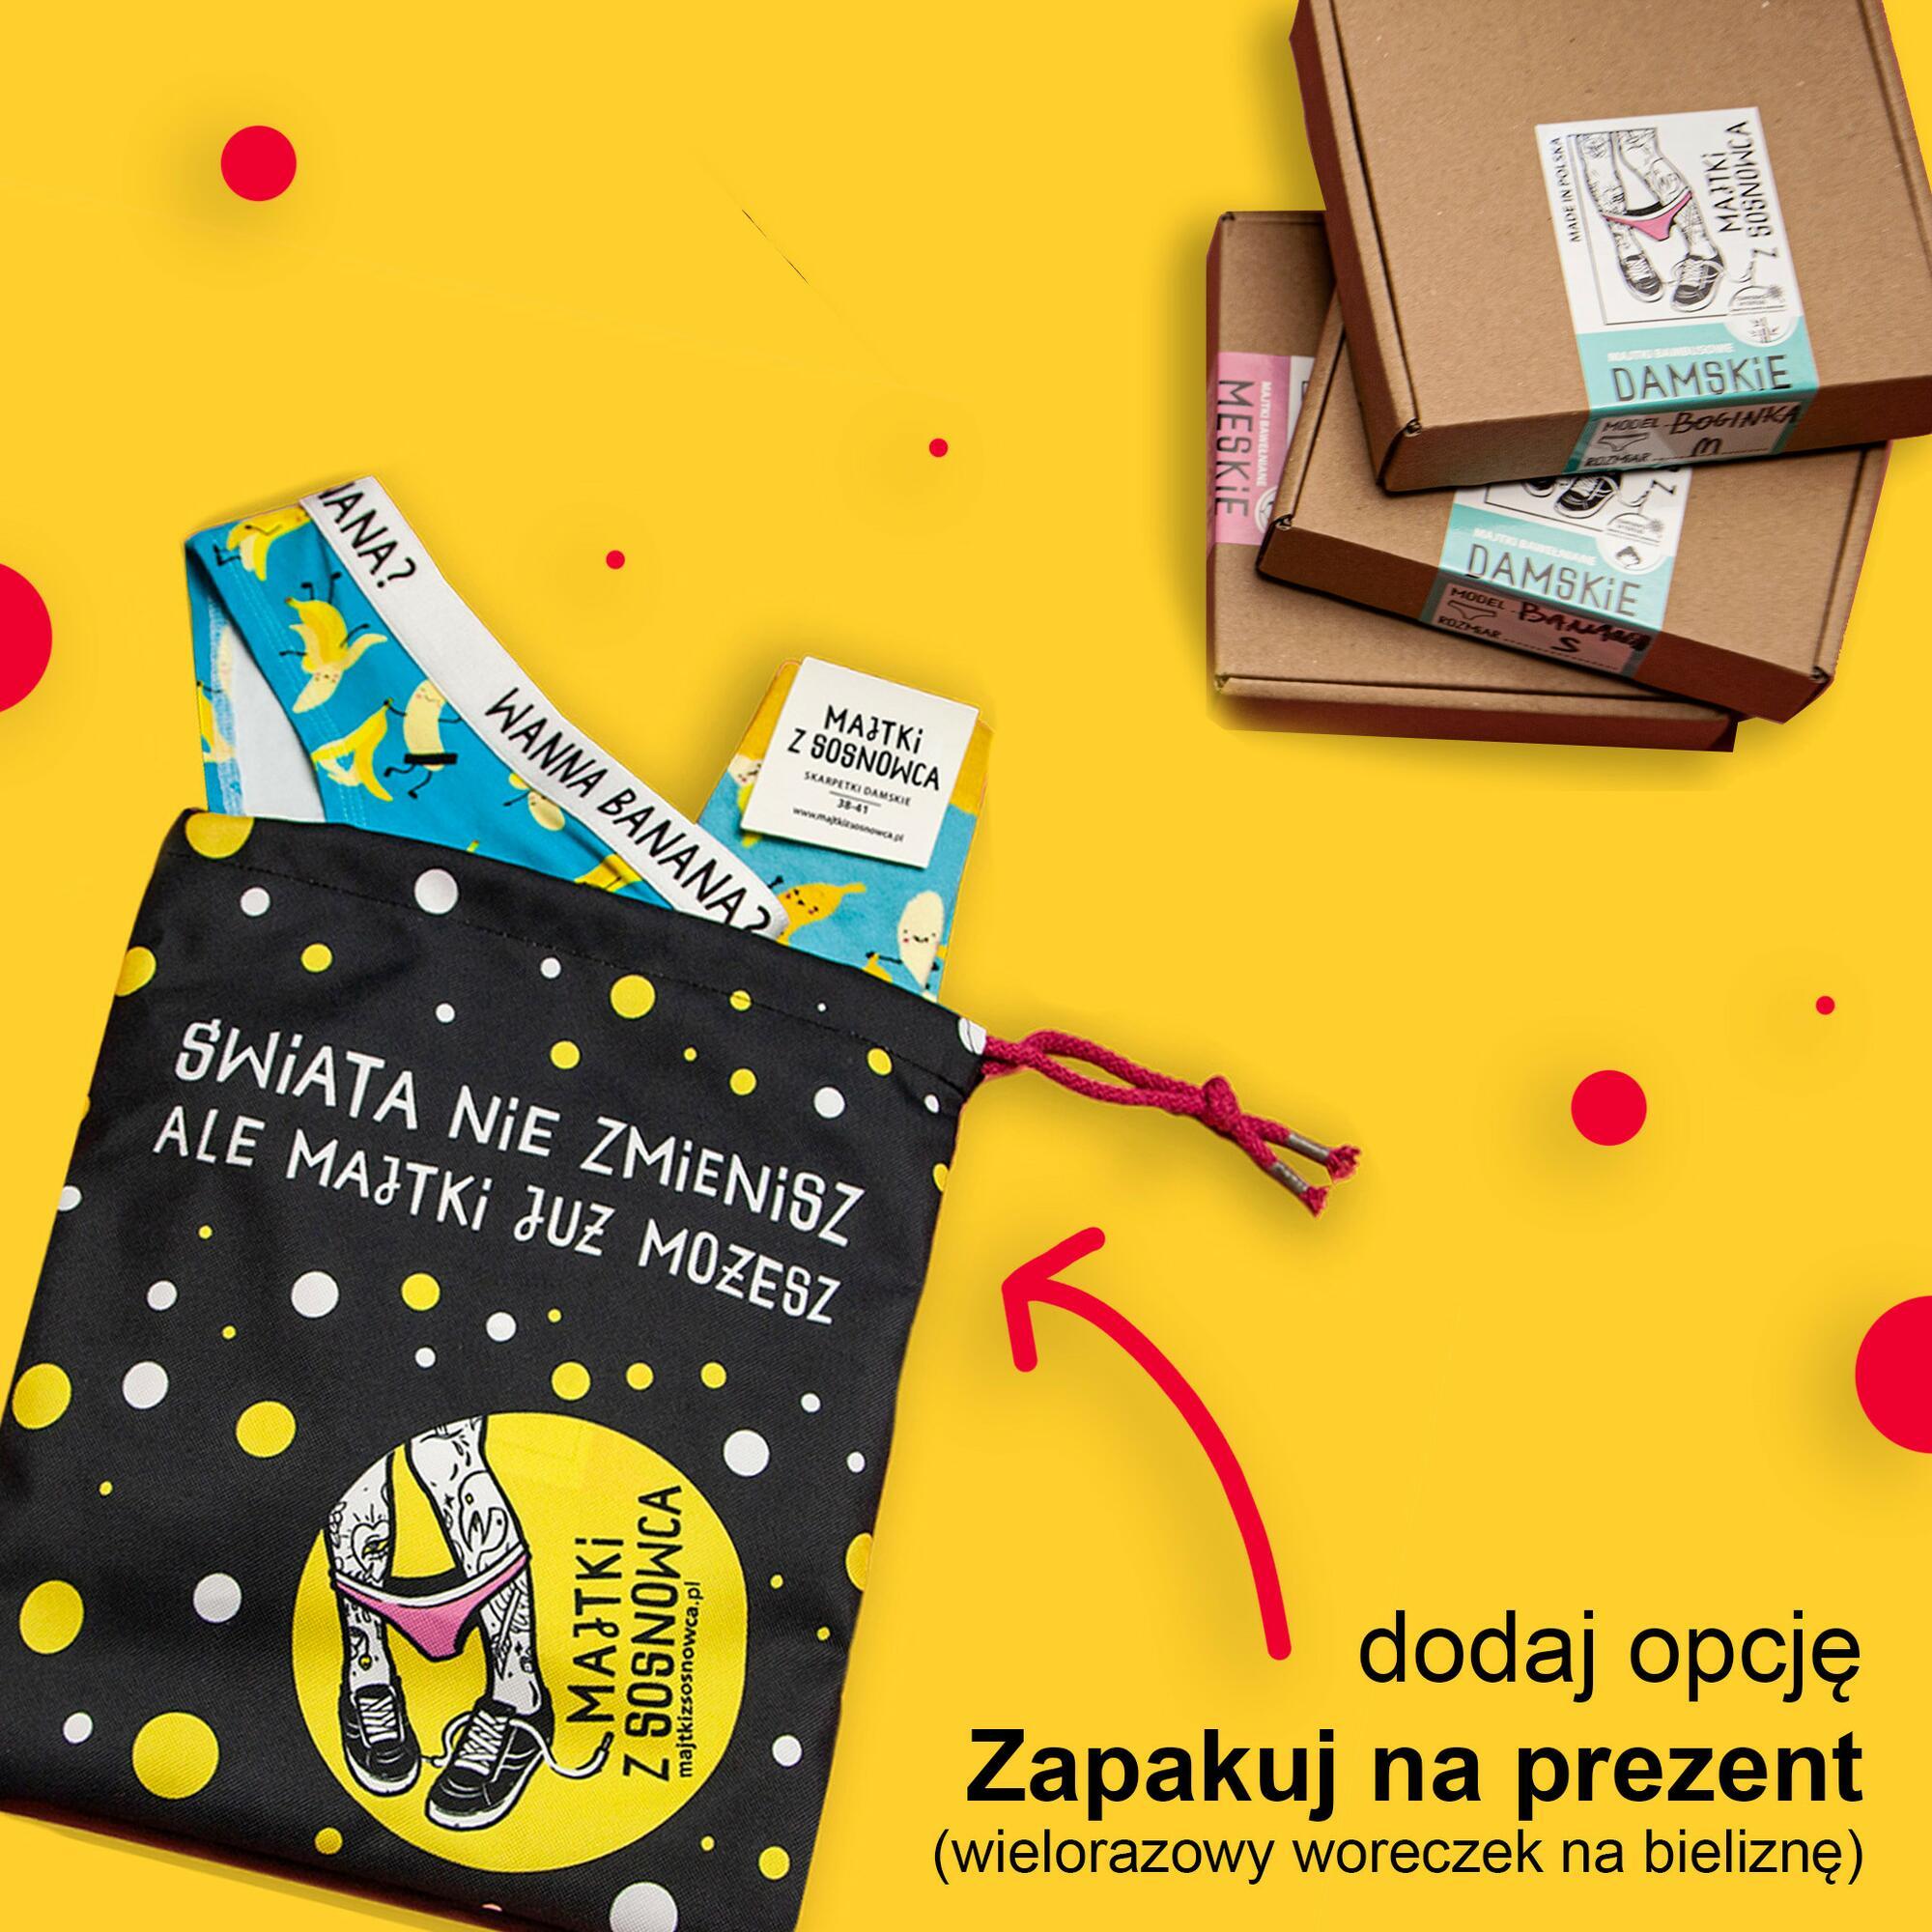 Wszystko w Twoich rękach - figi bawełniane damskie - Majtki z Sosnowca by After Panty | JestemSlow.pl